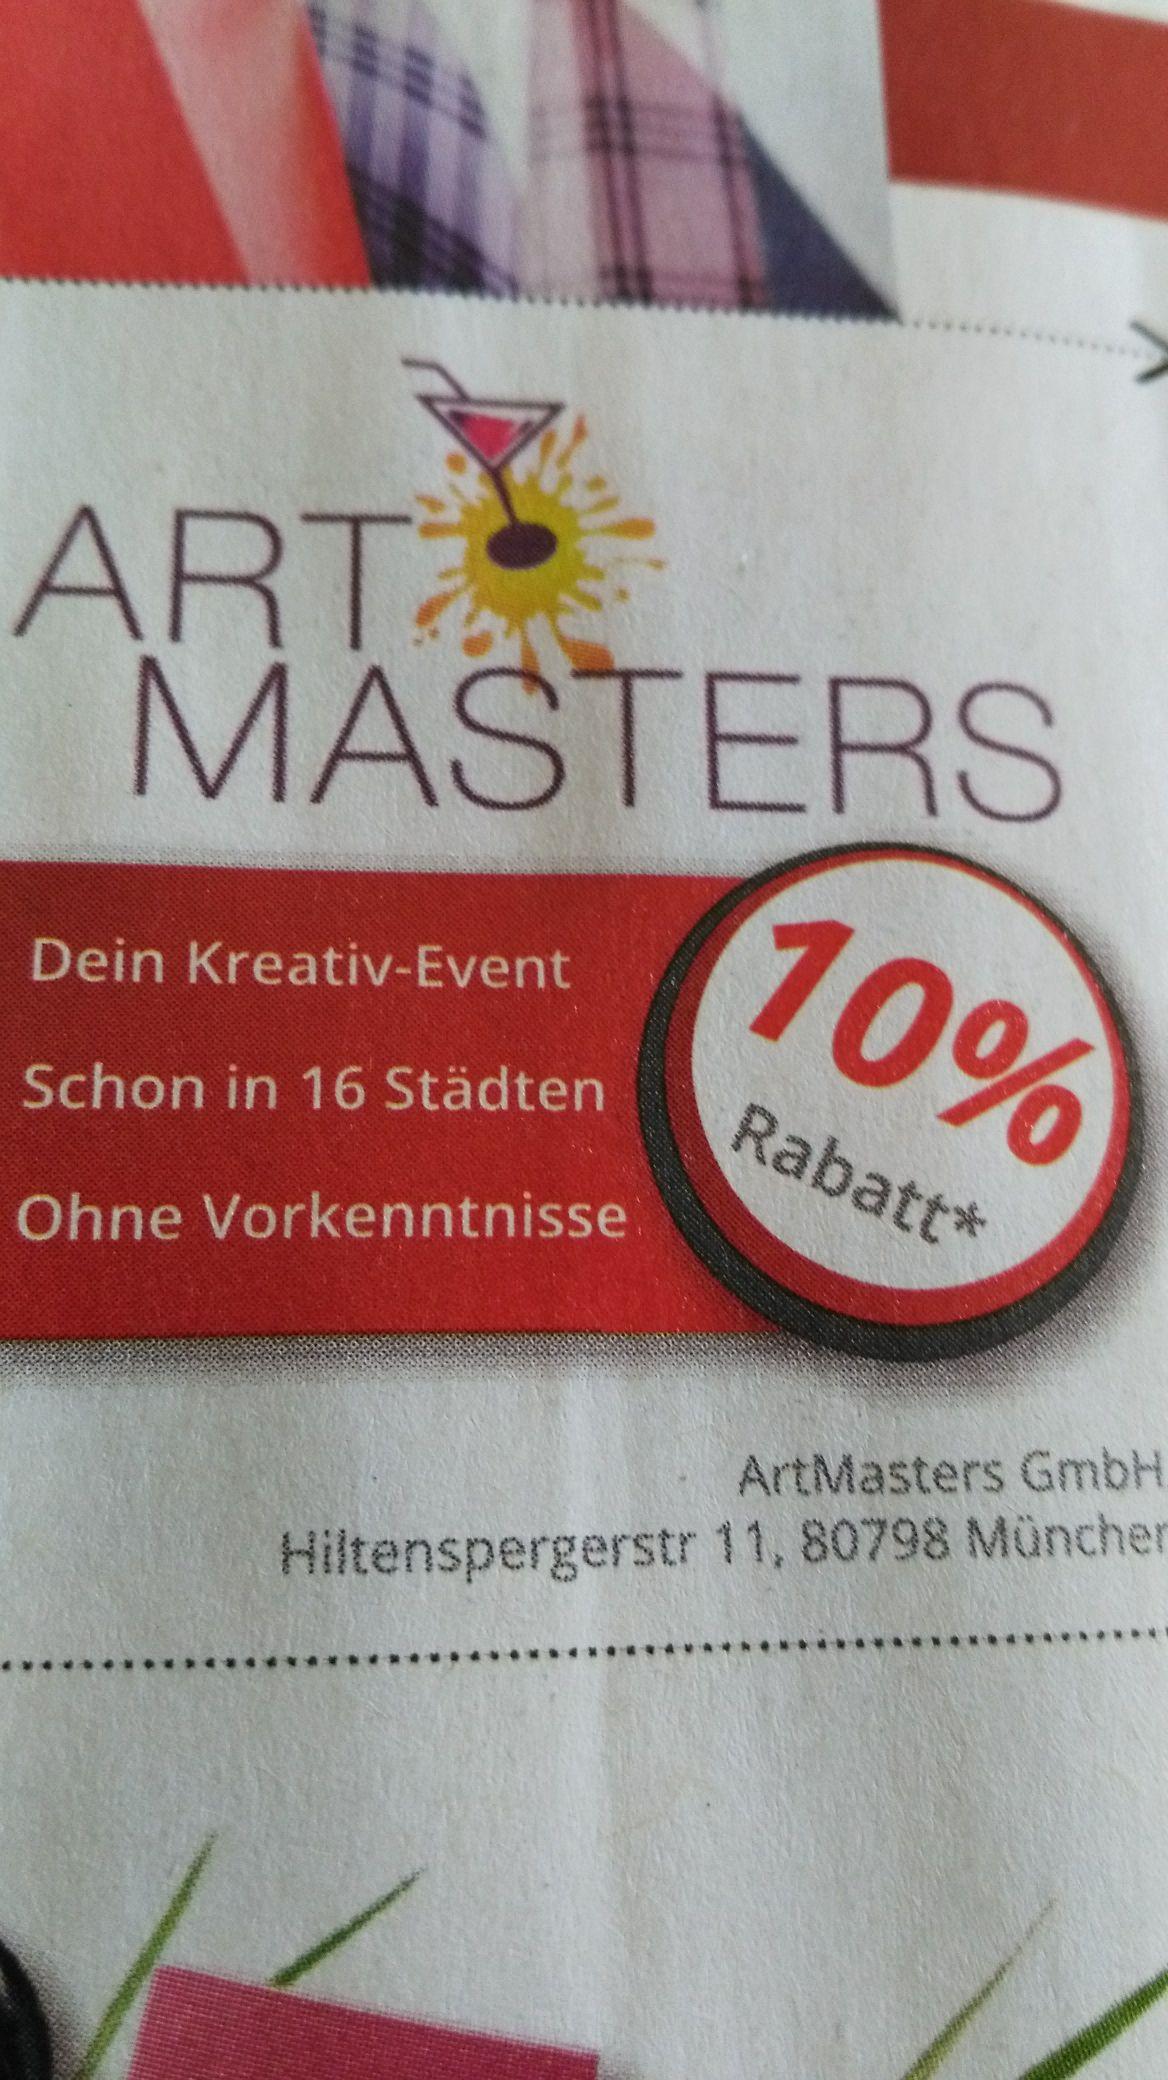 [ArtMasters] 10% Rabatt